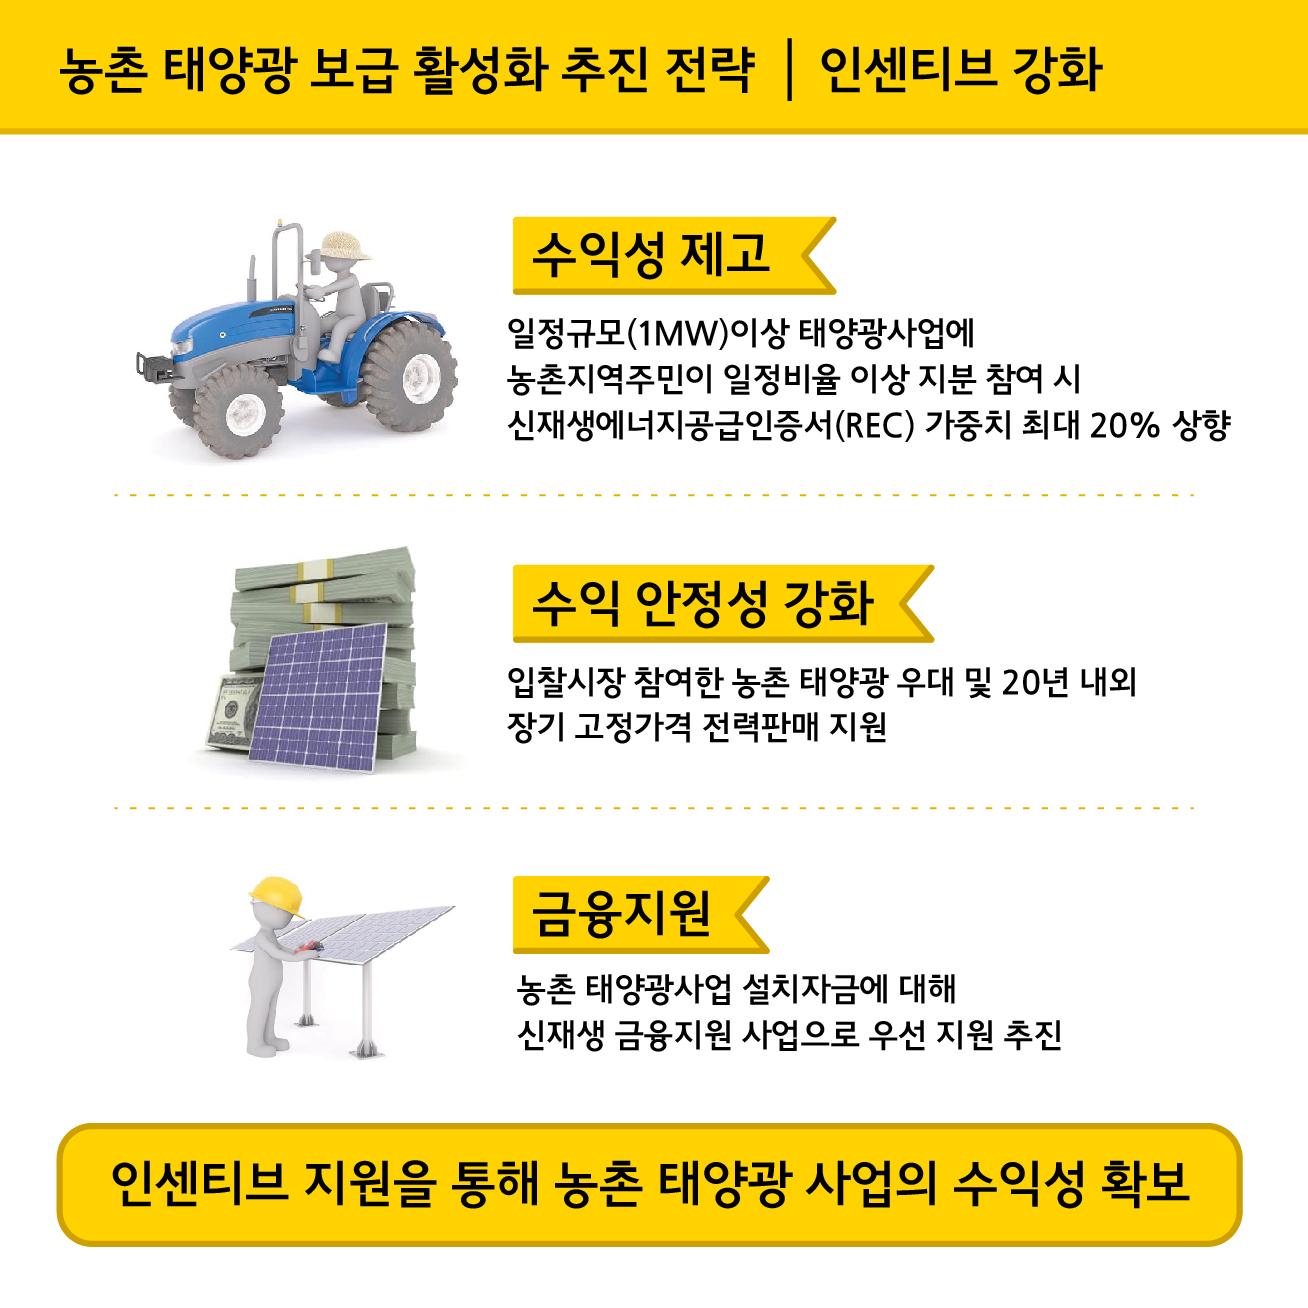 [아헤플]농촌 태양광 보급-04